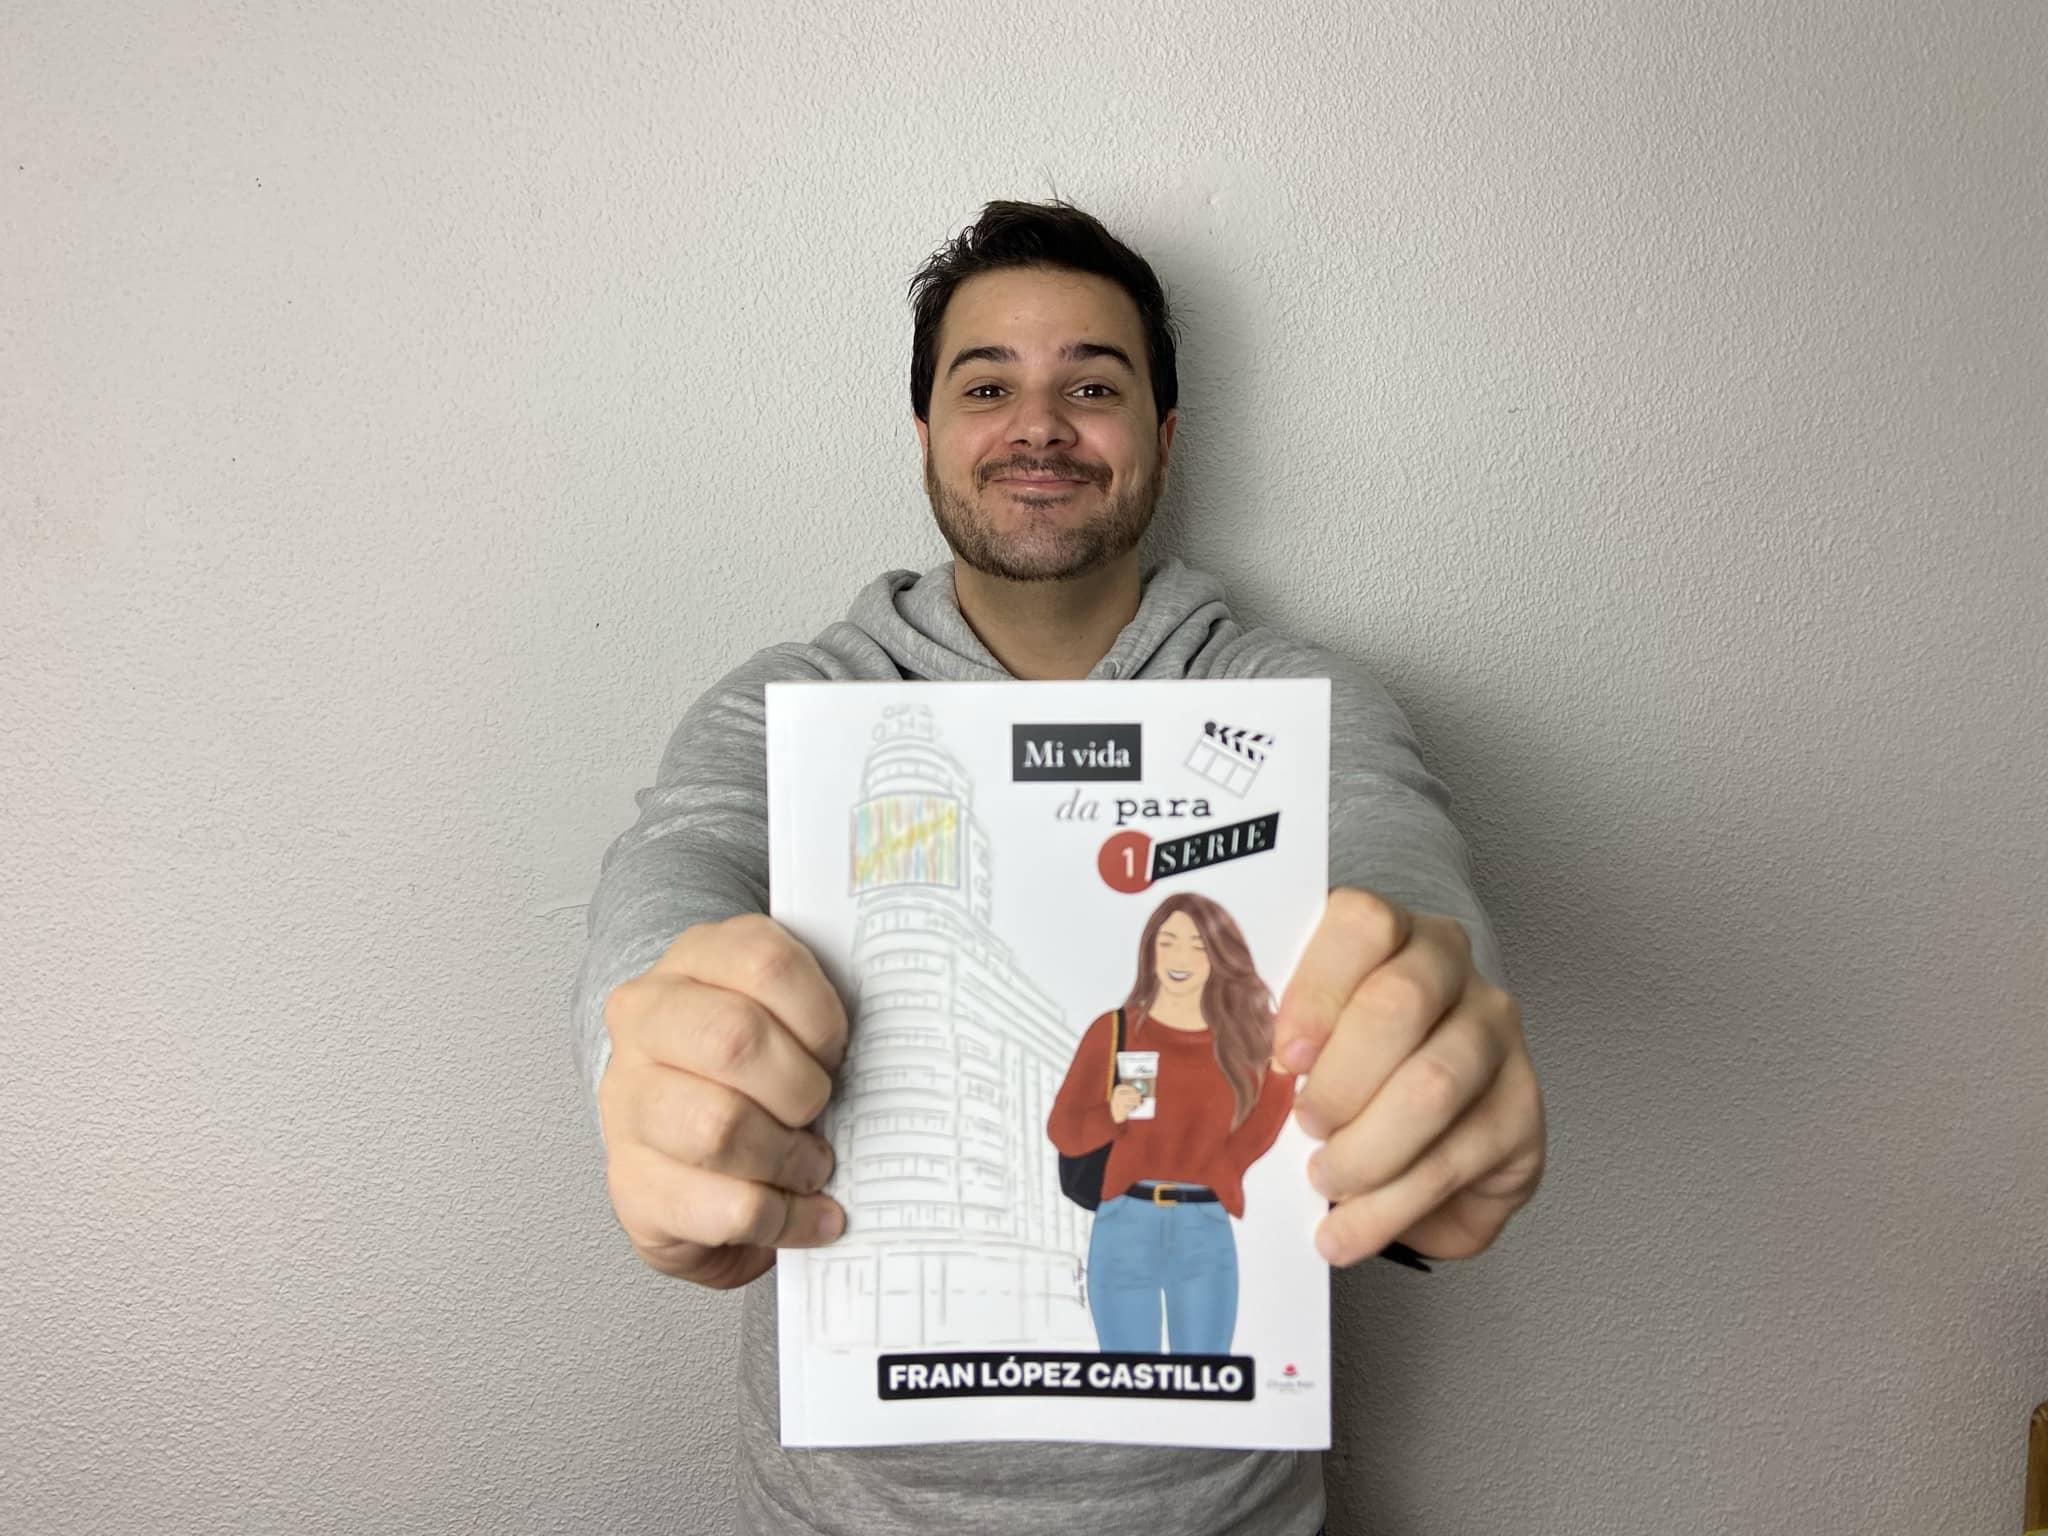 Mi vida da para una serie, la nueva novela de Fran López Castillo que arrasa en ventas